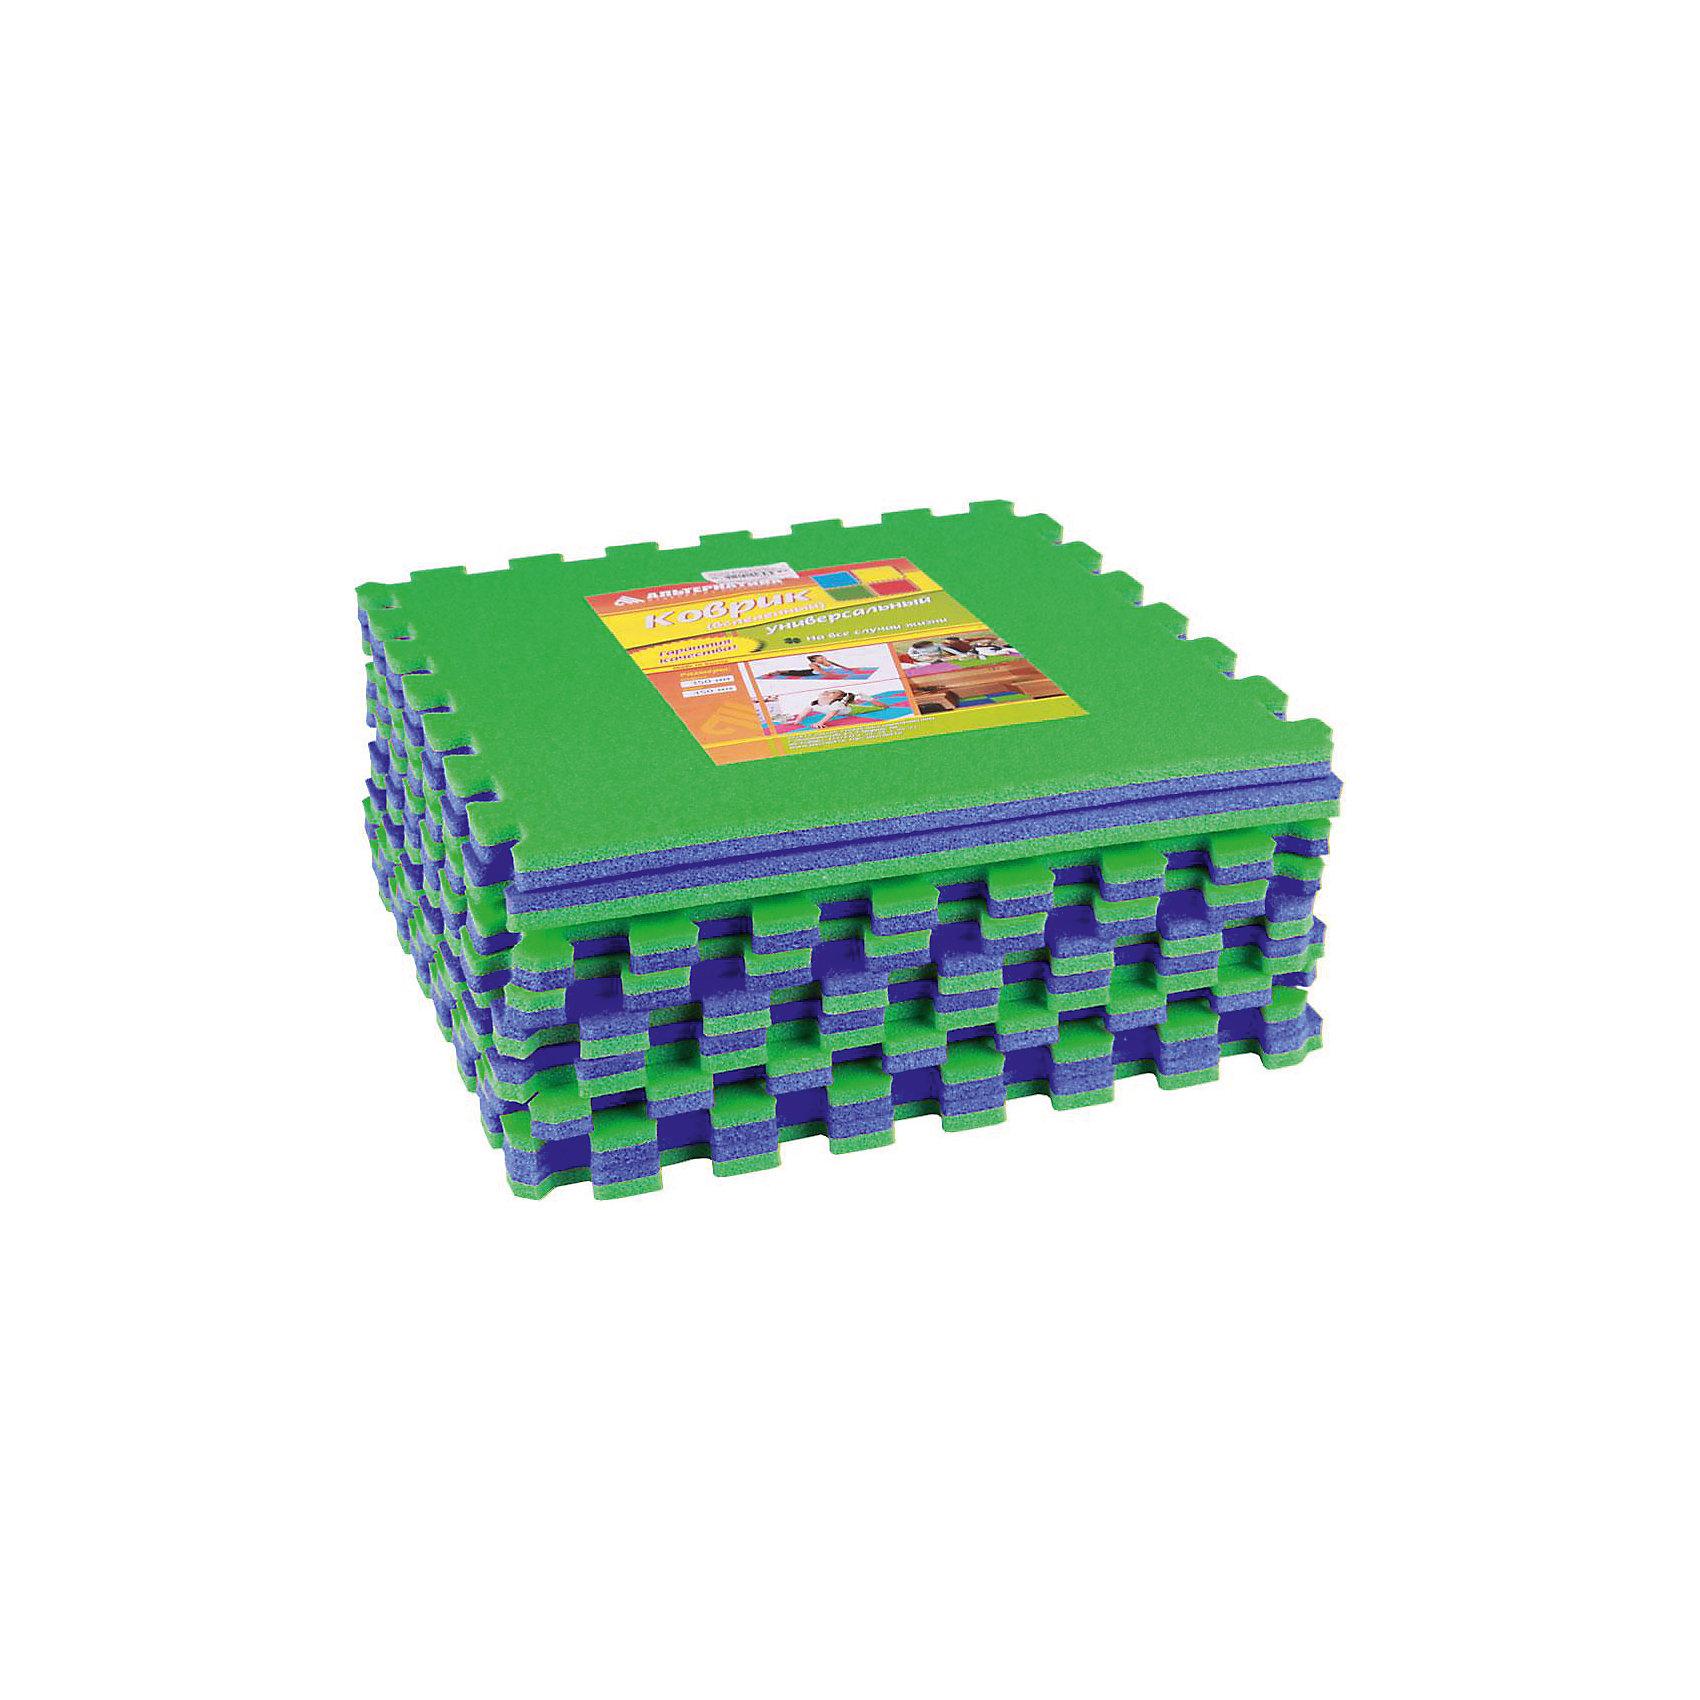 Коврик универ.(1020х1020)(из 9шт), Alternativa, сине-зелёныйКовры<br>Коврик универсальный  (1020х1020)(из 9шт), Alternativa, сине-зелёный подойдёт как для занятий спортом, так и для игр. Коврик не позволит скользить во время упражнений , убережет от случайных ударов об пол и не позволит замерзнуть во время игр на полу. Он изготовлен из пенополиэтилена, который не вызовет аллергическую реакцию. Благодаря ярким цветам коврика, любые занятия ребёнка будут проходить в хорошем, позитивном настроении. <br> В товар входит:<br>- 9 ковриков<br>Дополнительная информация:<br> -Размер: 1020х1020<br> -Цвет: сине-зелёный<br> -Материал: пенополиэтилен <br>  -Марка: Alternativa<br><br>Коврик универсальный  (1020х1020)(из 9шт), Alternativa, сине-зелёный вы можете приобрести в нашем интернет-магазине.<br><br>Ширина мм: 1020<br>Глубина мм: 1020<br>Высота мм: 15<br>Вес г: 540<br>Возраст от месяцев: 6<br>Возраст до месяцев: 36<br>Пол: Унисекс<br>Возраст: Детский<br>SKU: 5096519